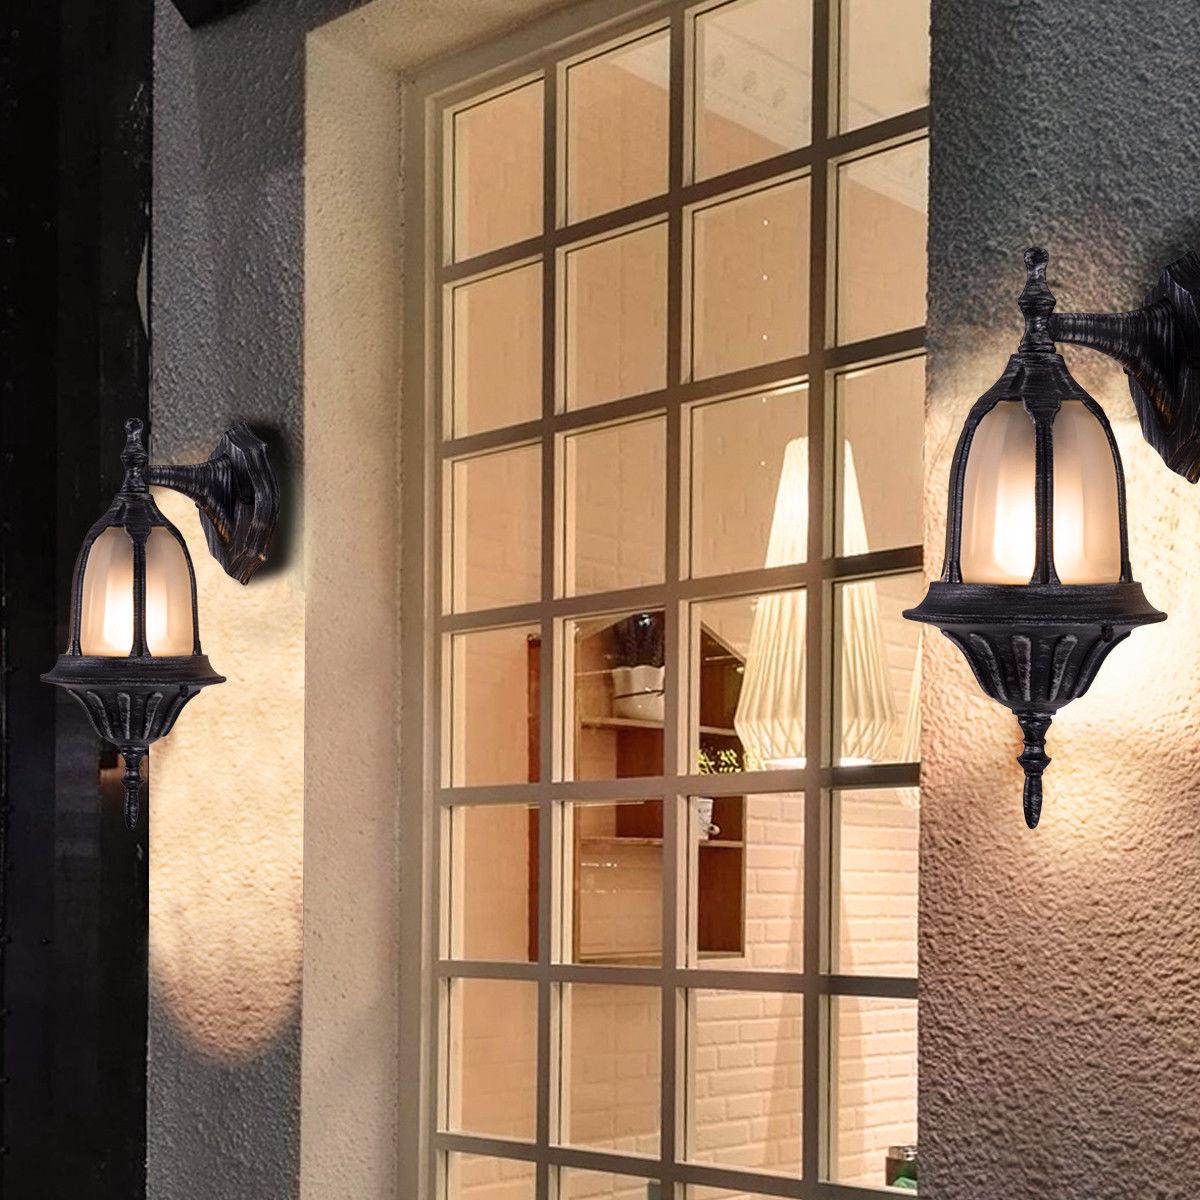 Costway outdoor garages front porch light exterior wall light fixtures waterproof 4 pack